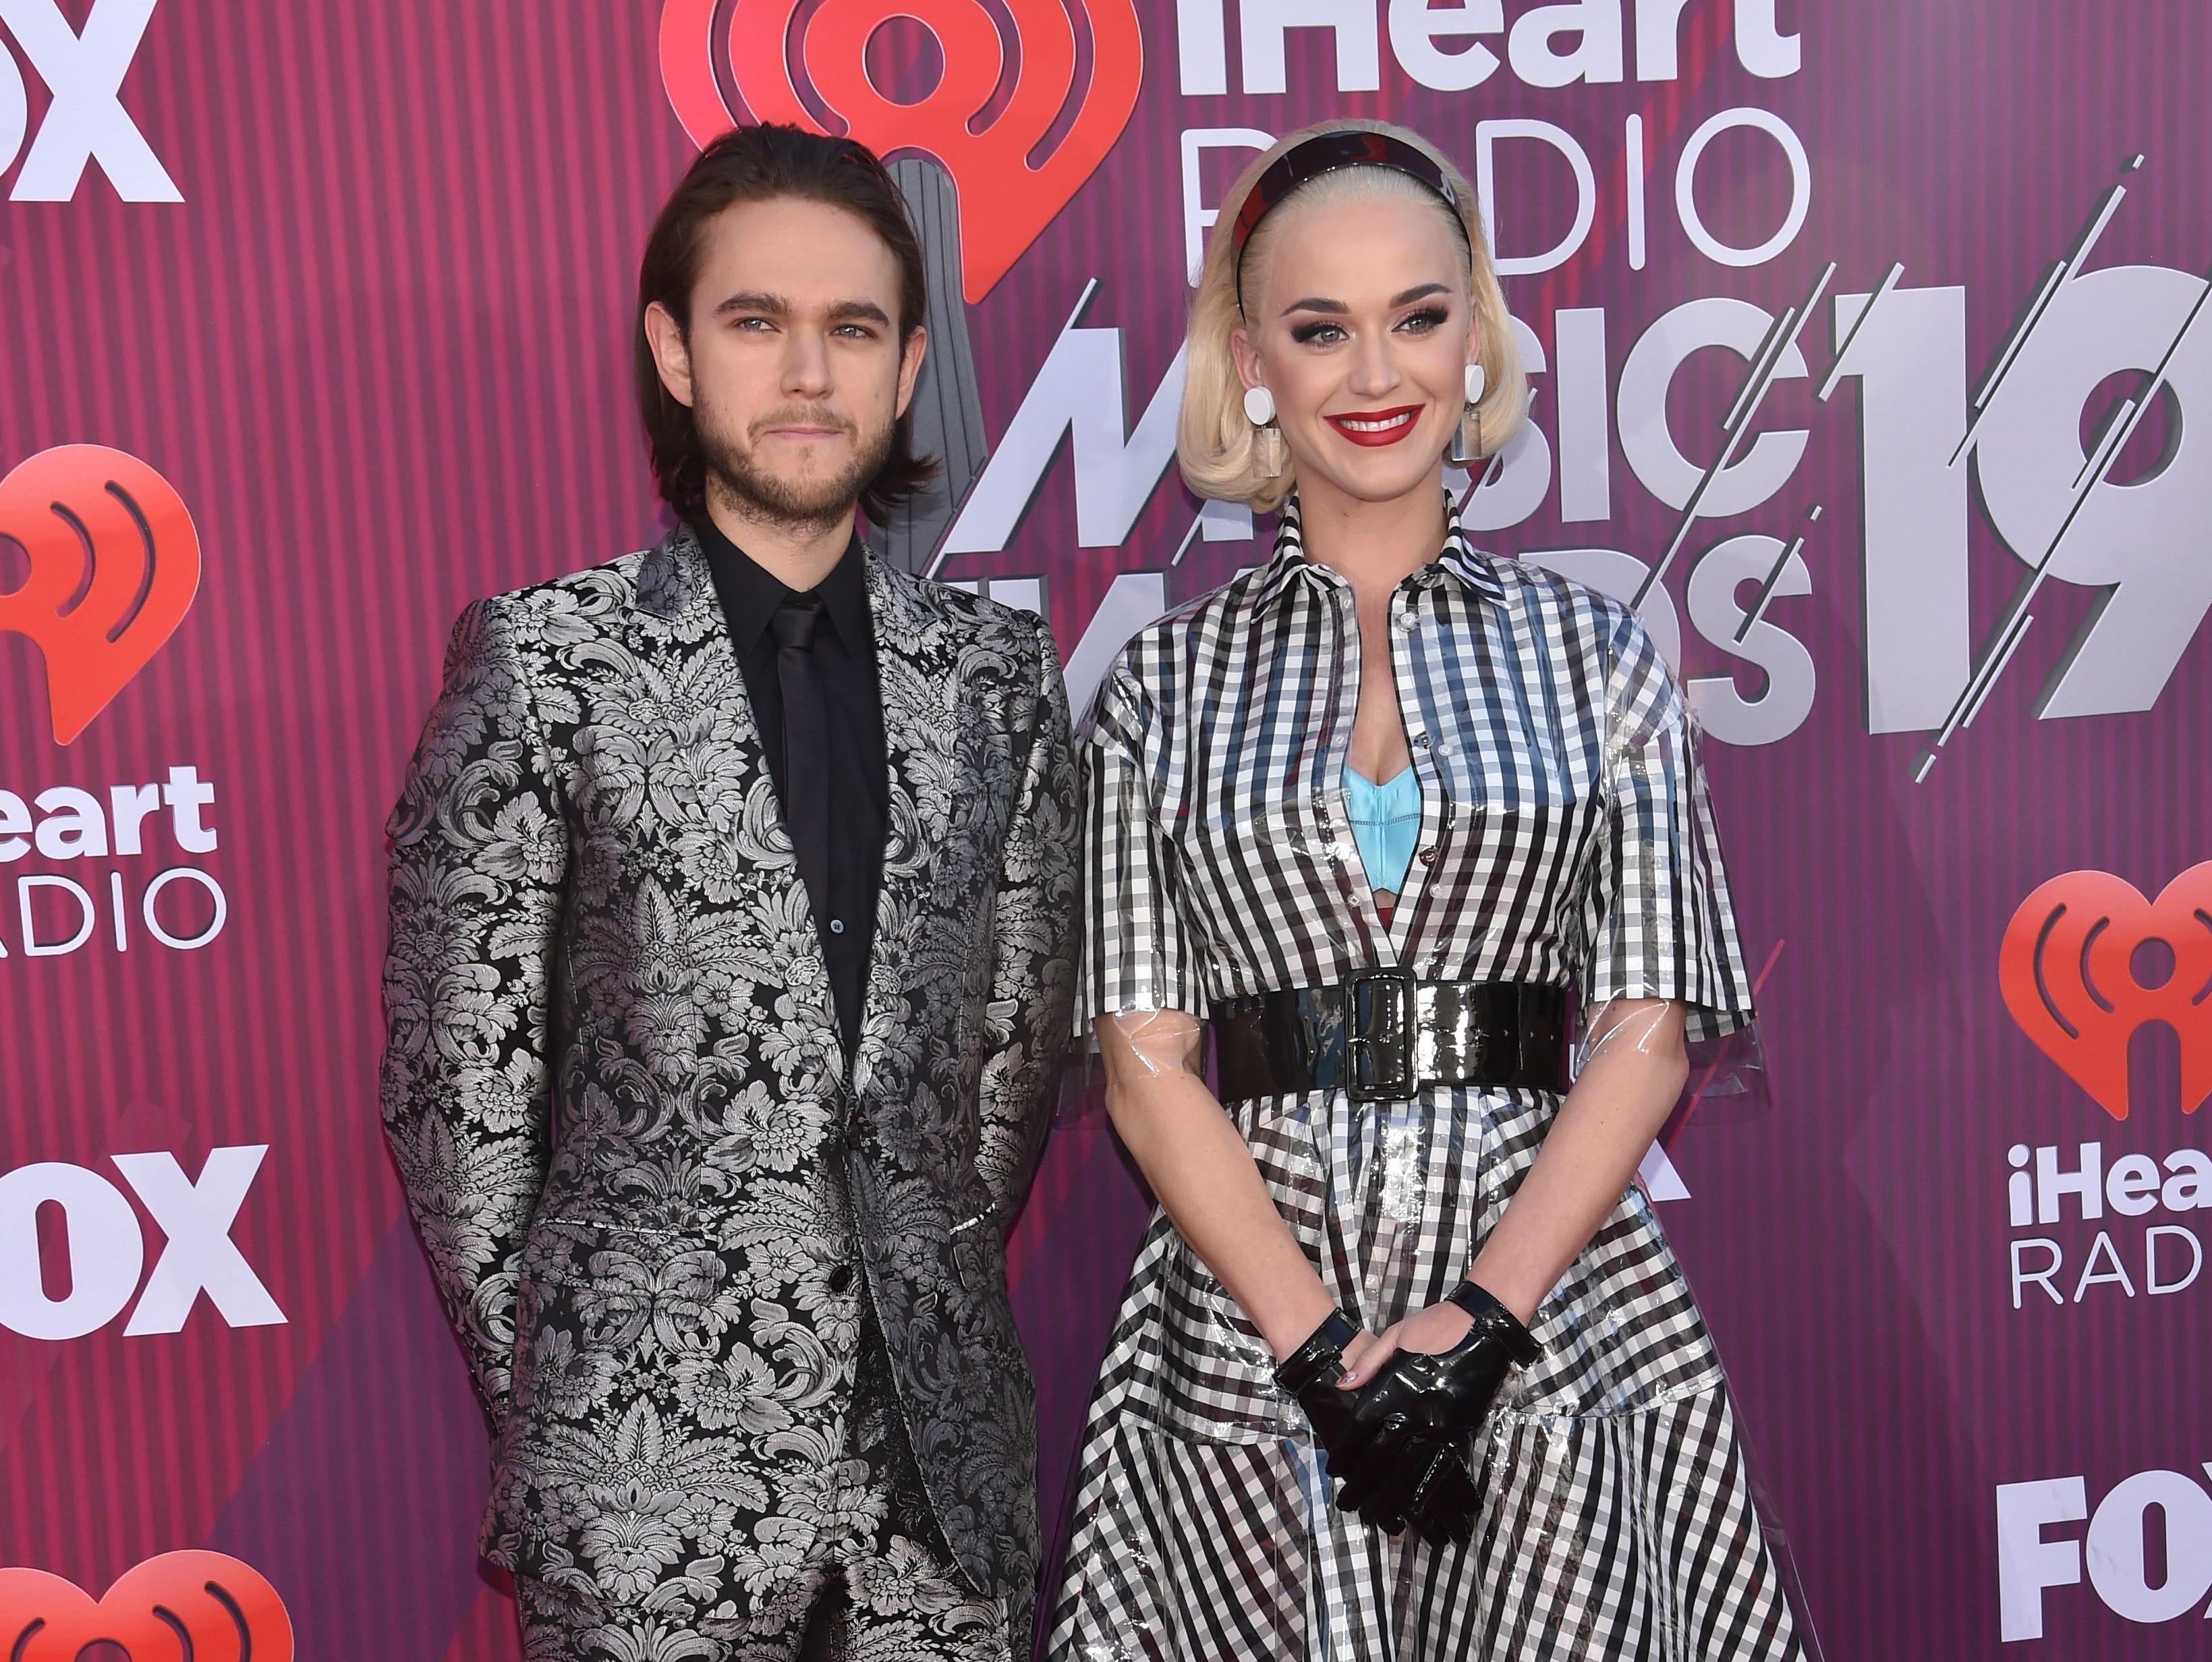 Katy Perry (der) y Zedd a su llegada a los premios iHeart Radio Music Awards en 2019 el 14 de marzo de 2019 en Los Angeles, California.